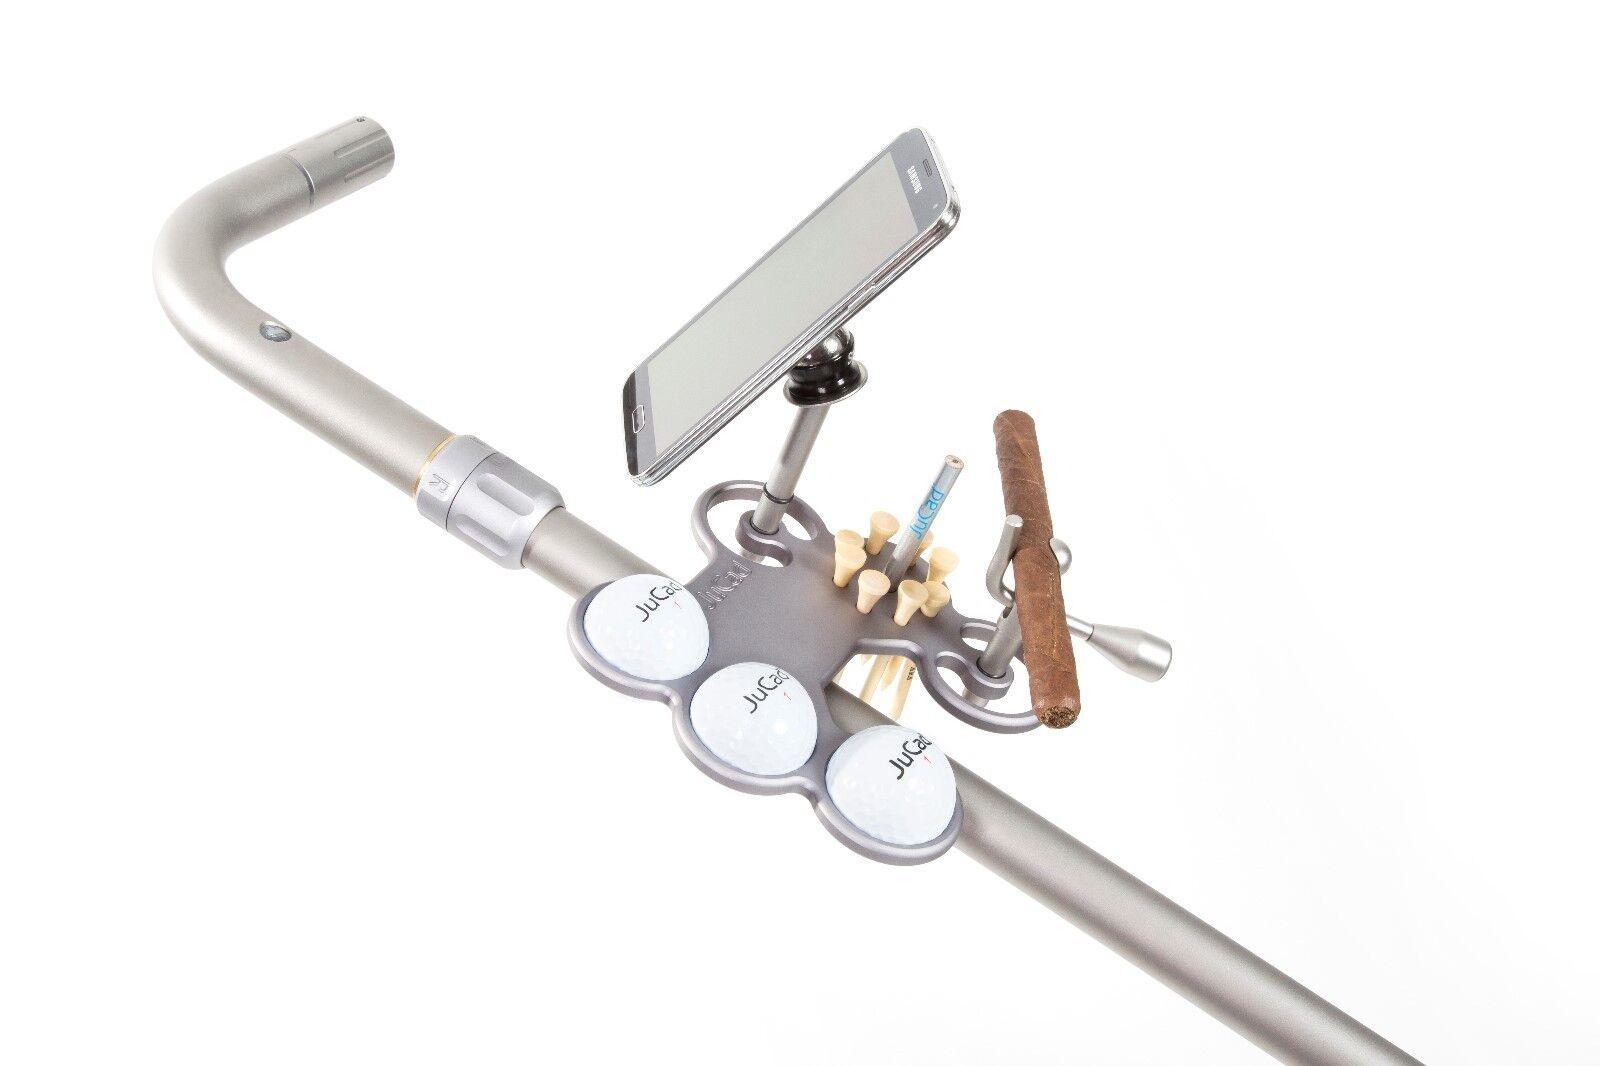 Jucad Tablet Titan plata-la nueva multifunción soporte para todos jucad caddys